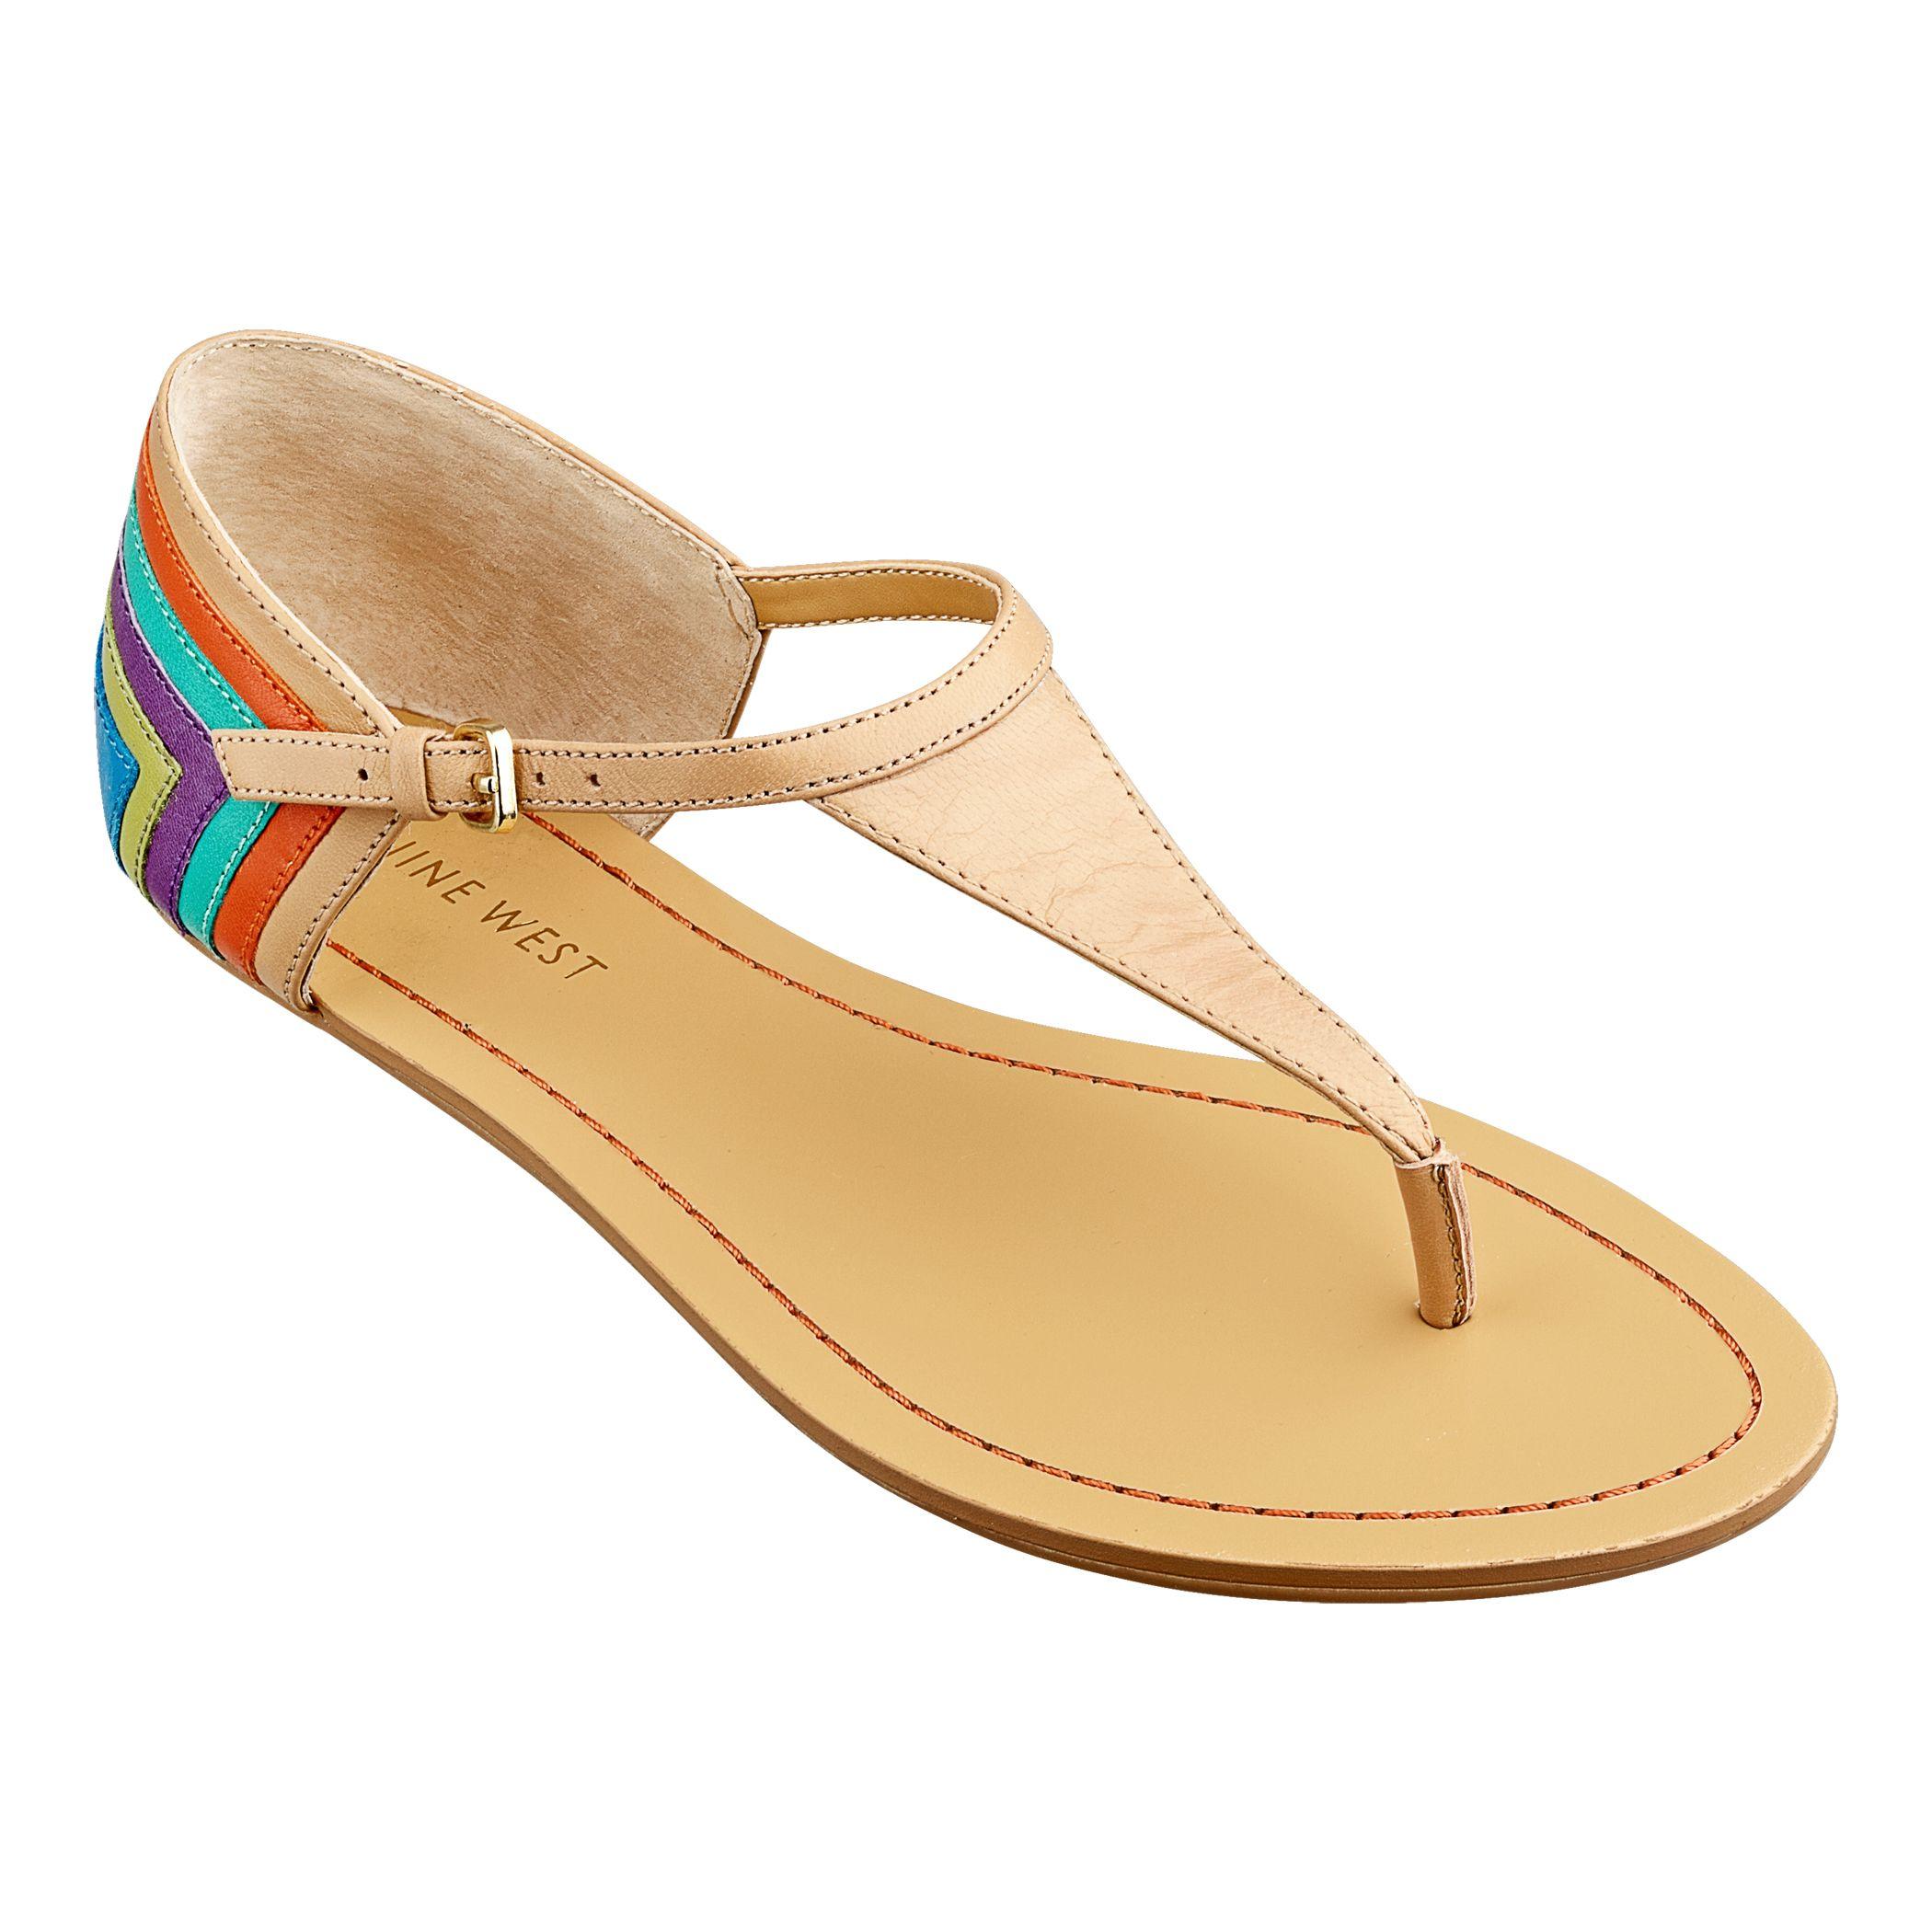 Sandalias planas de mujer Michael kors con tiras en piel de